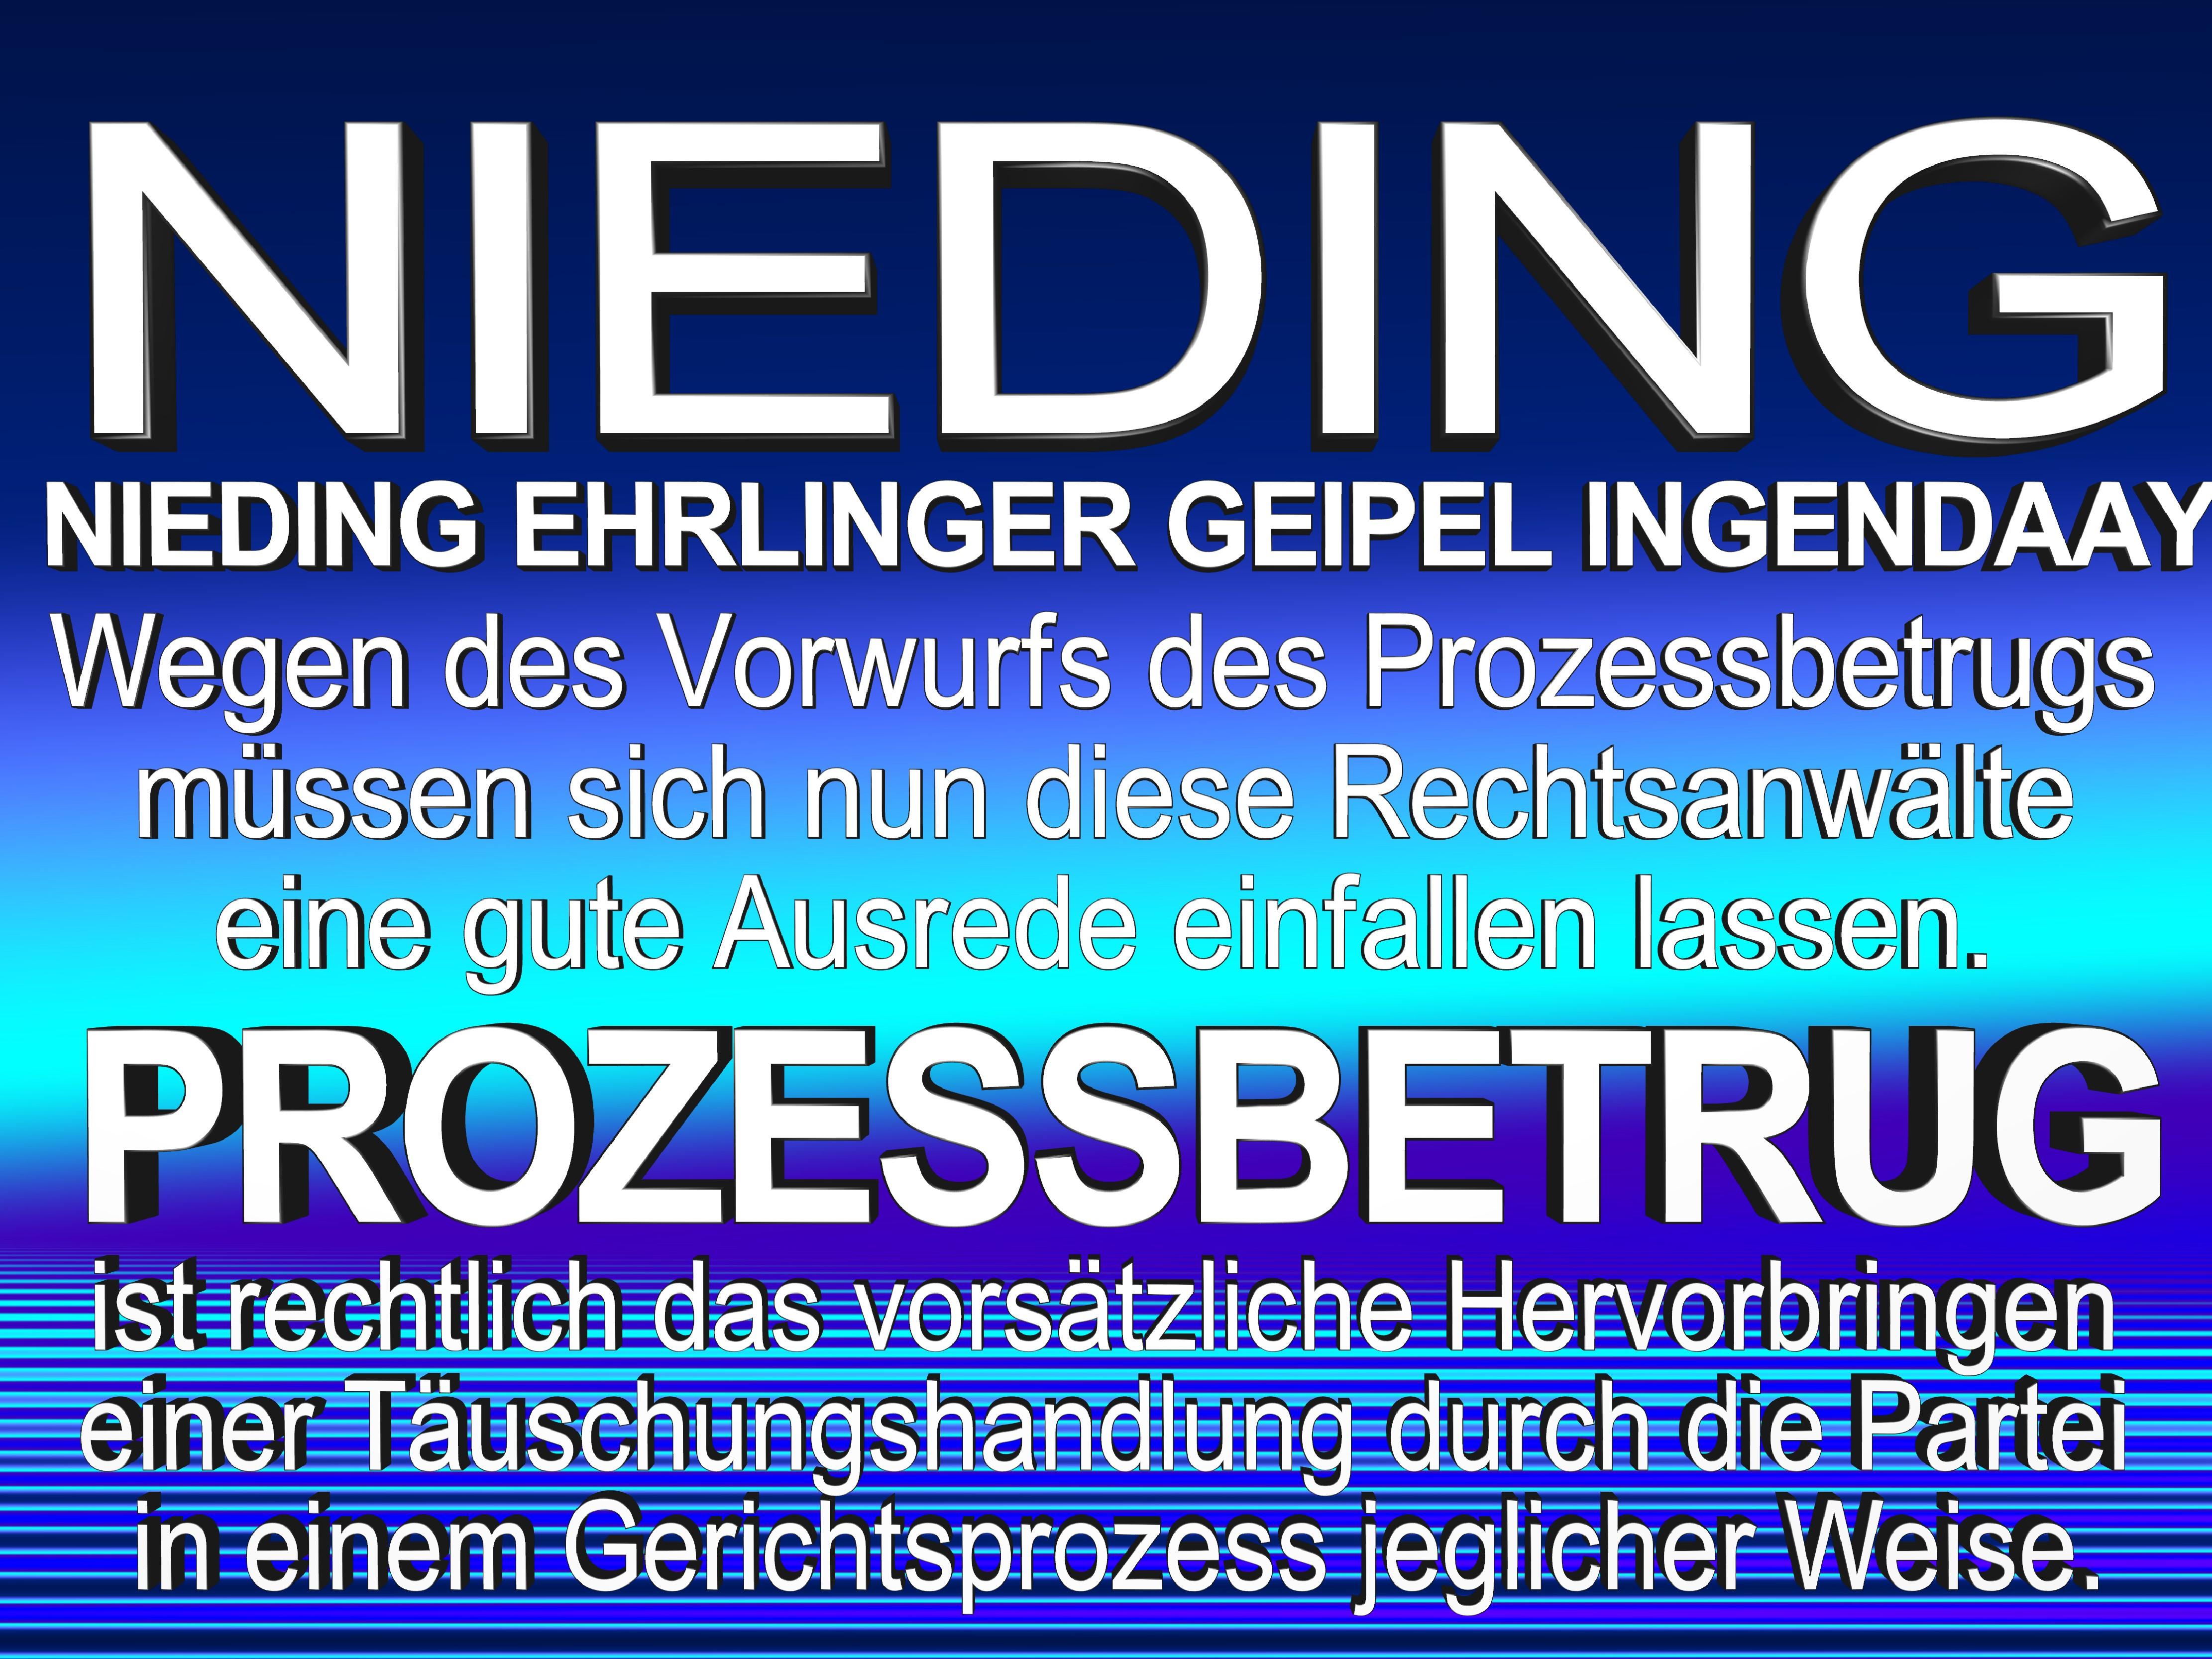 NIEDING EHRLINGER GEIPEL INGENDAAY LELKE Kurfürstendamm 66 Berlin (13)